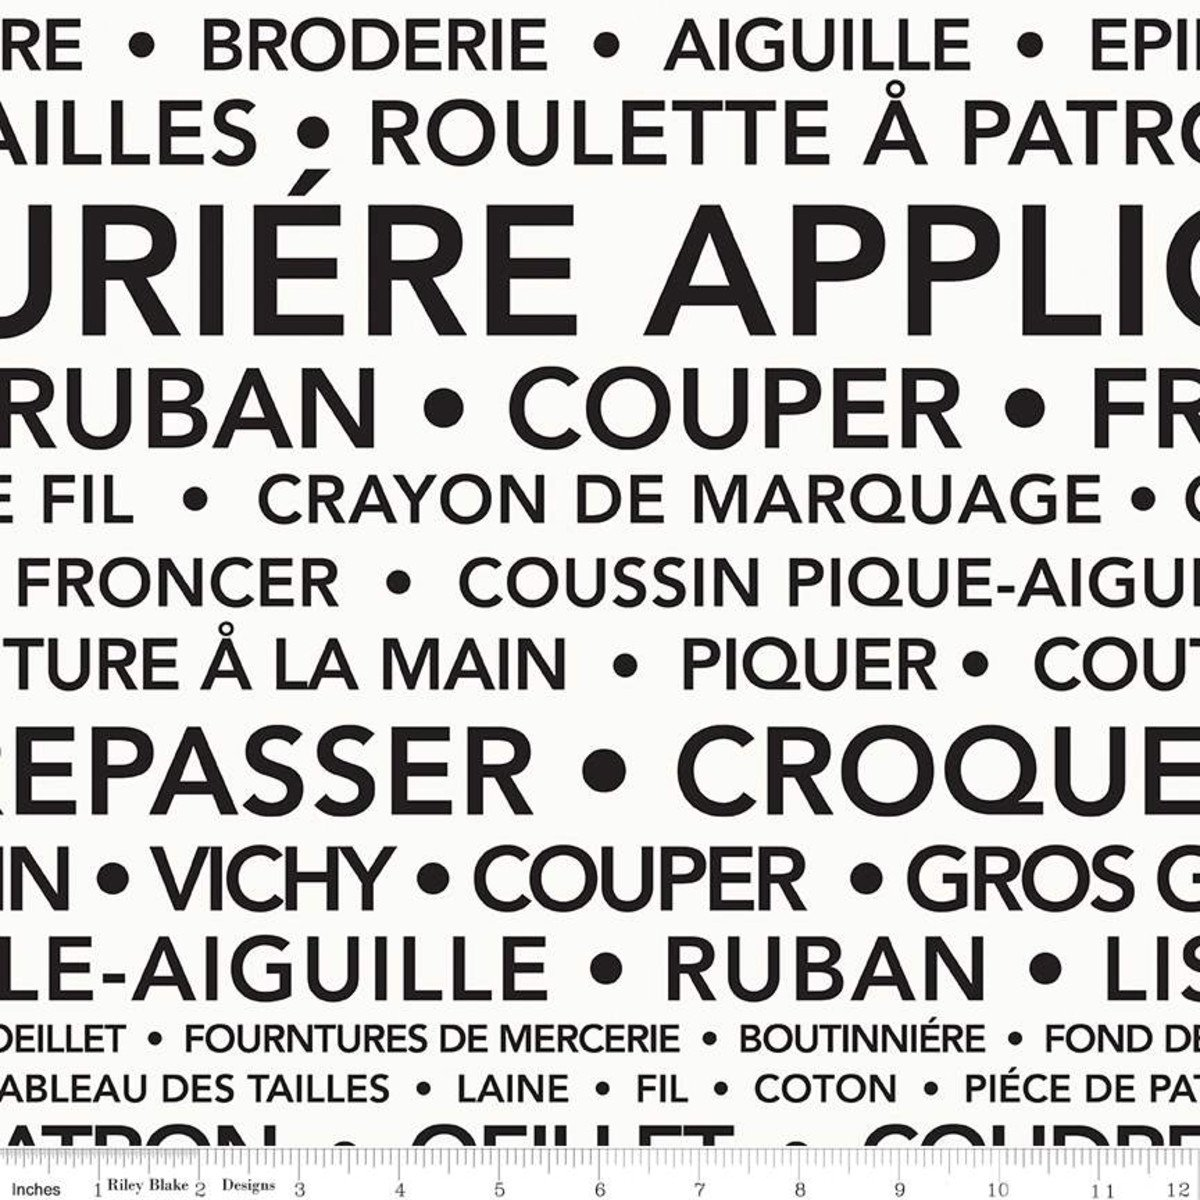 Riley Blake - J.Wecker Frisch - Courturiere - French